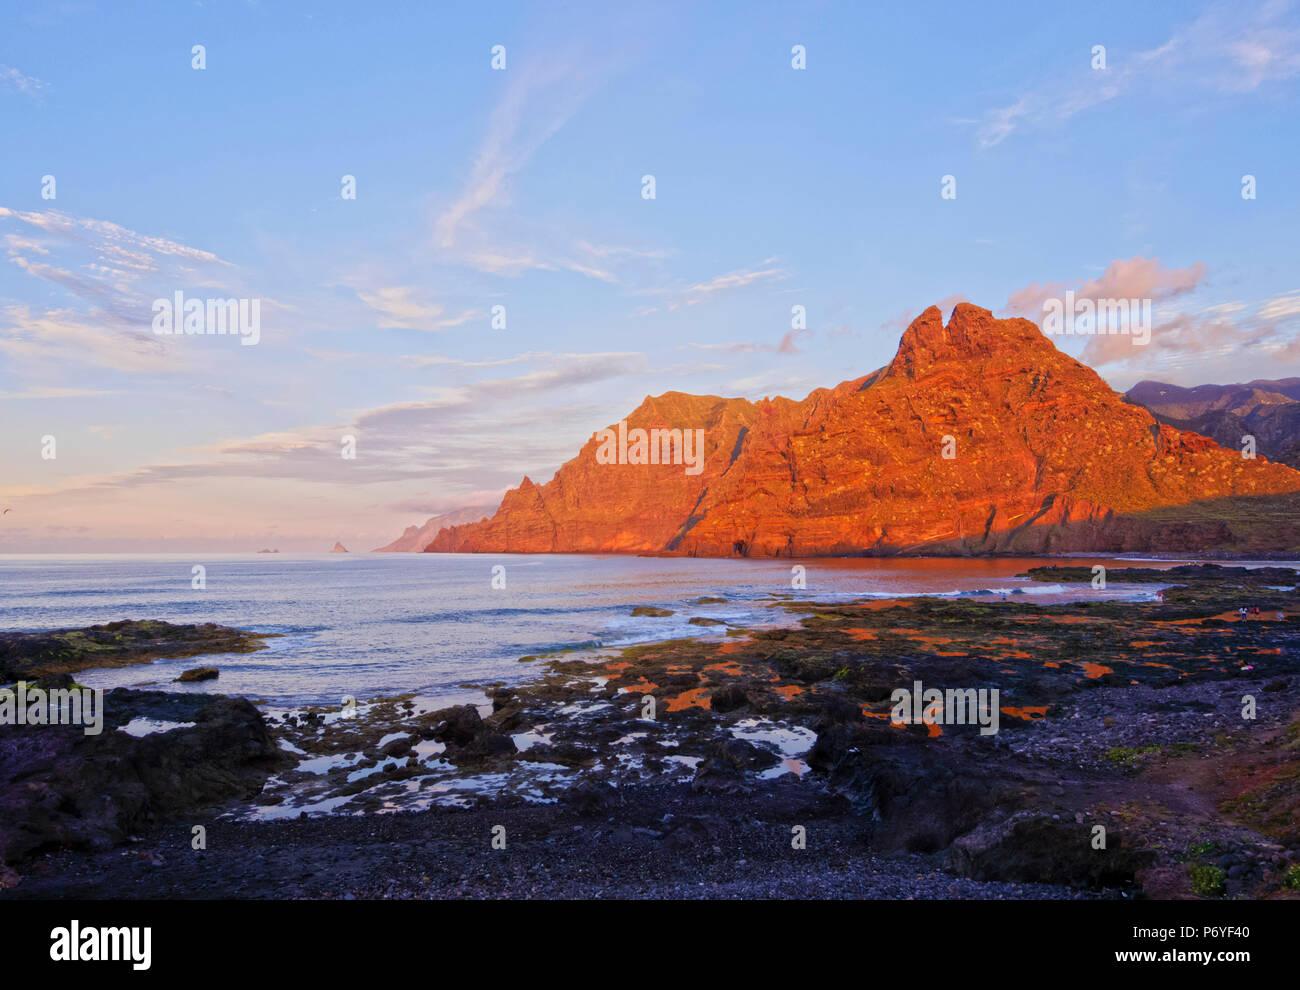 Spanien, Kanarische Inseln, Teneriffa, Punta del Hidalgo, Küste und Anagagebirge während des Sonnenuntergangs.Stockfoto